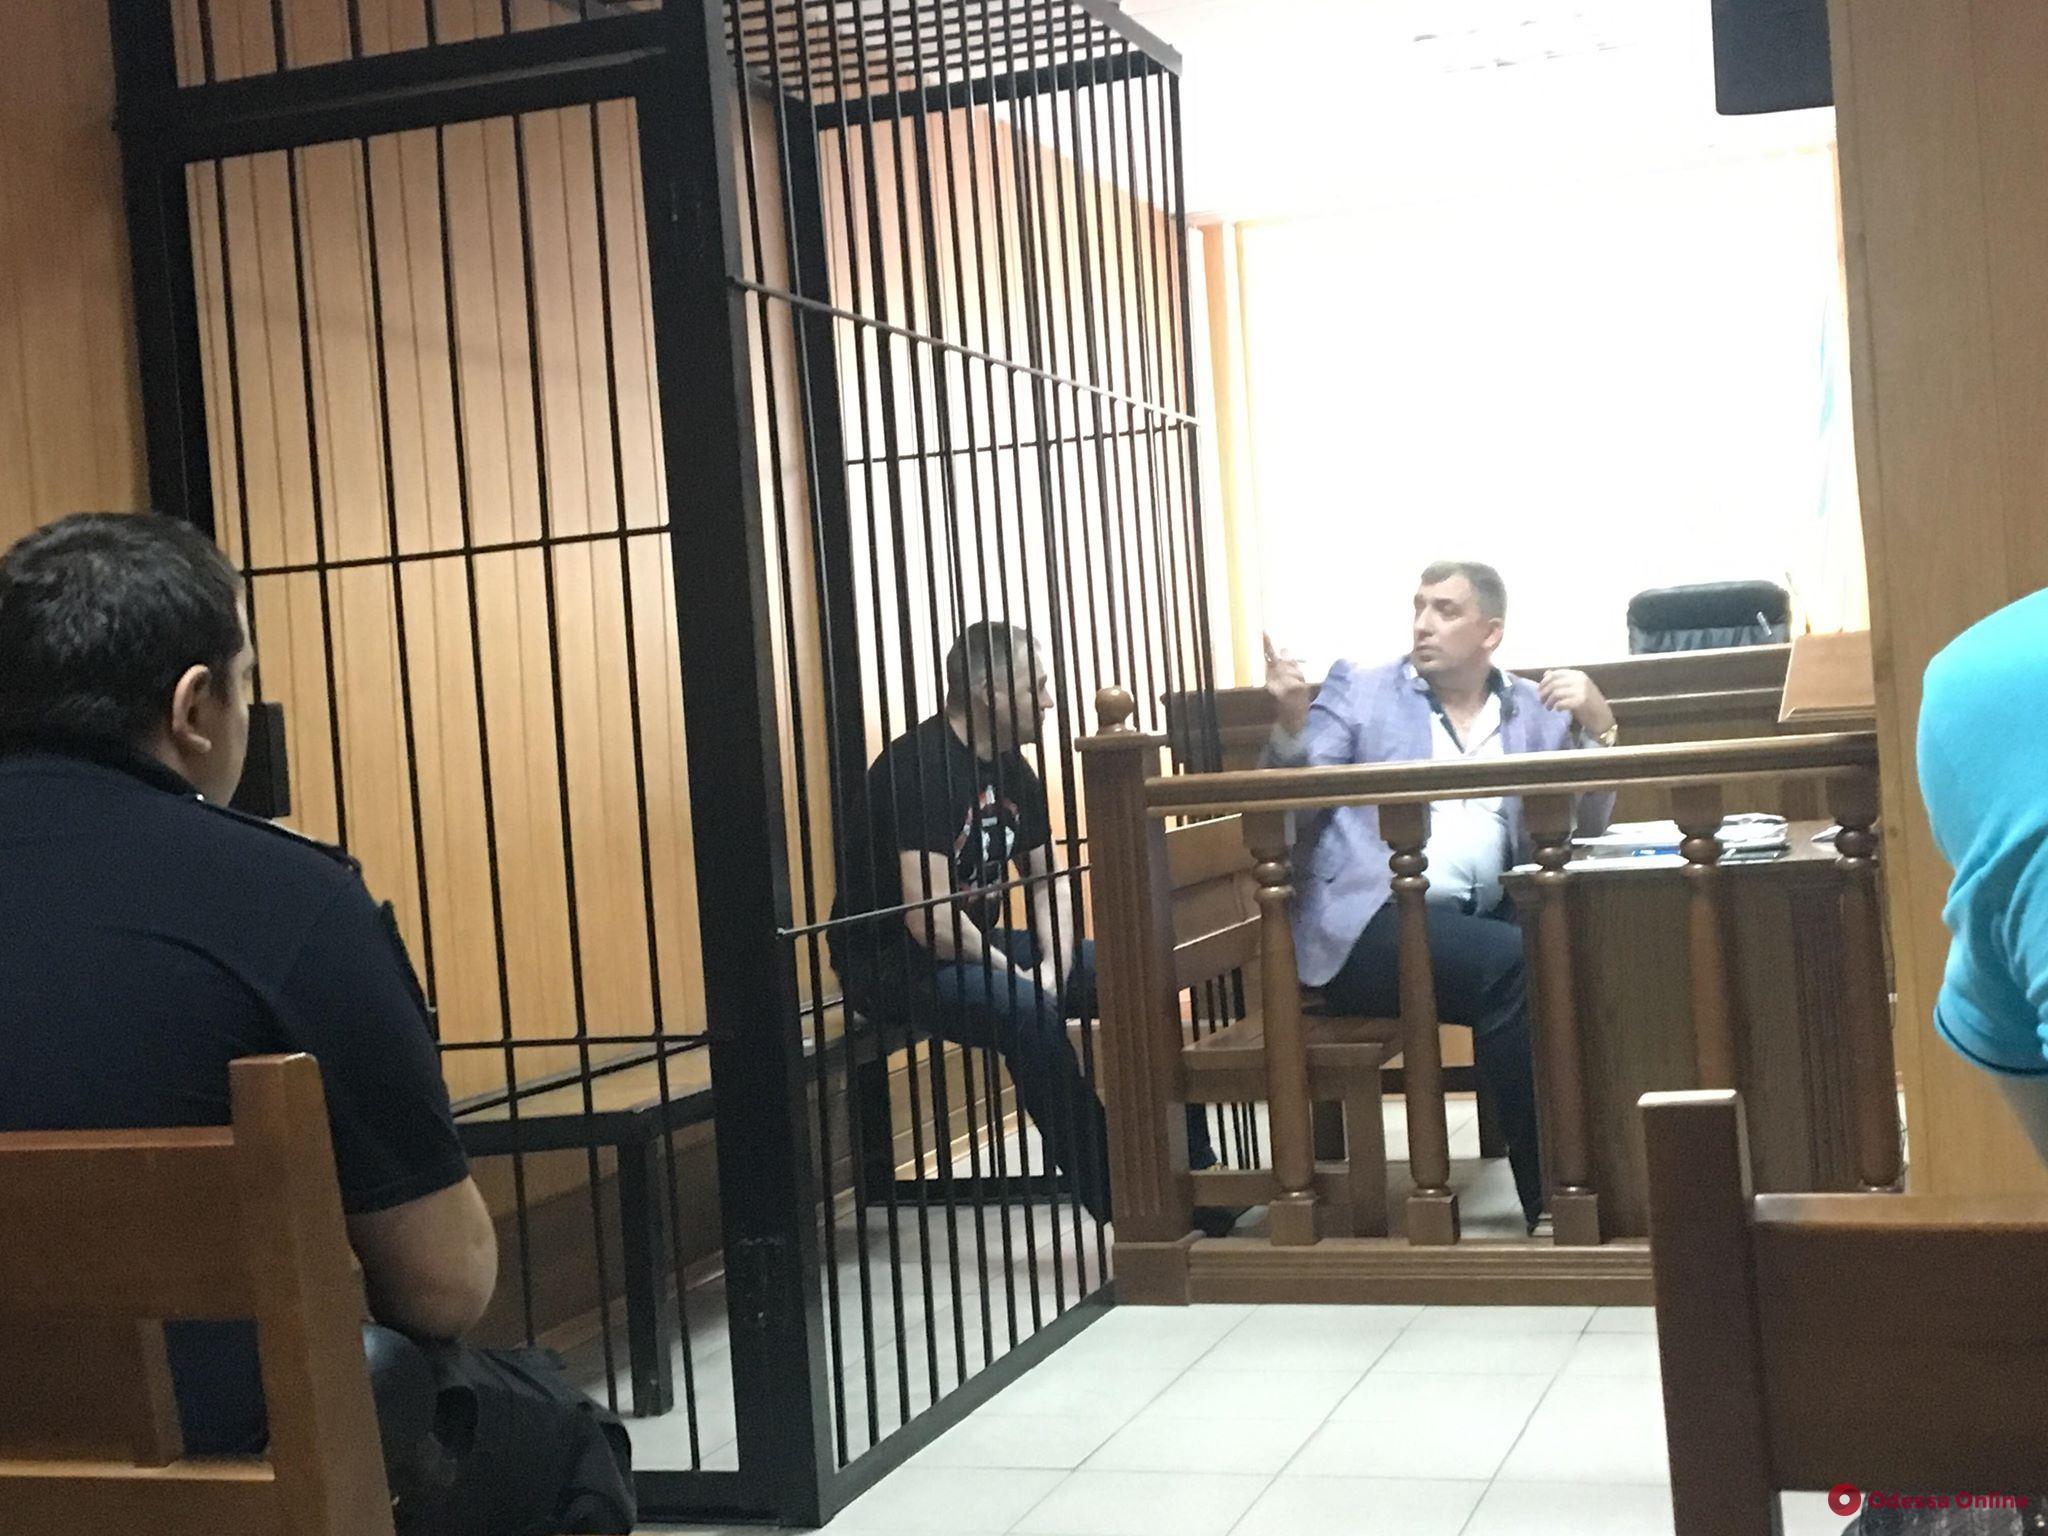 Дело одесского экс-милиционера Панченко: потерпевшую будут допрашивать повторно